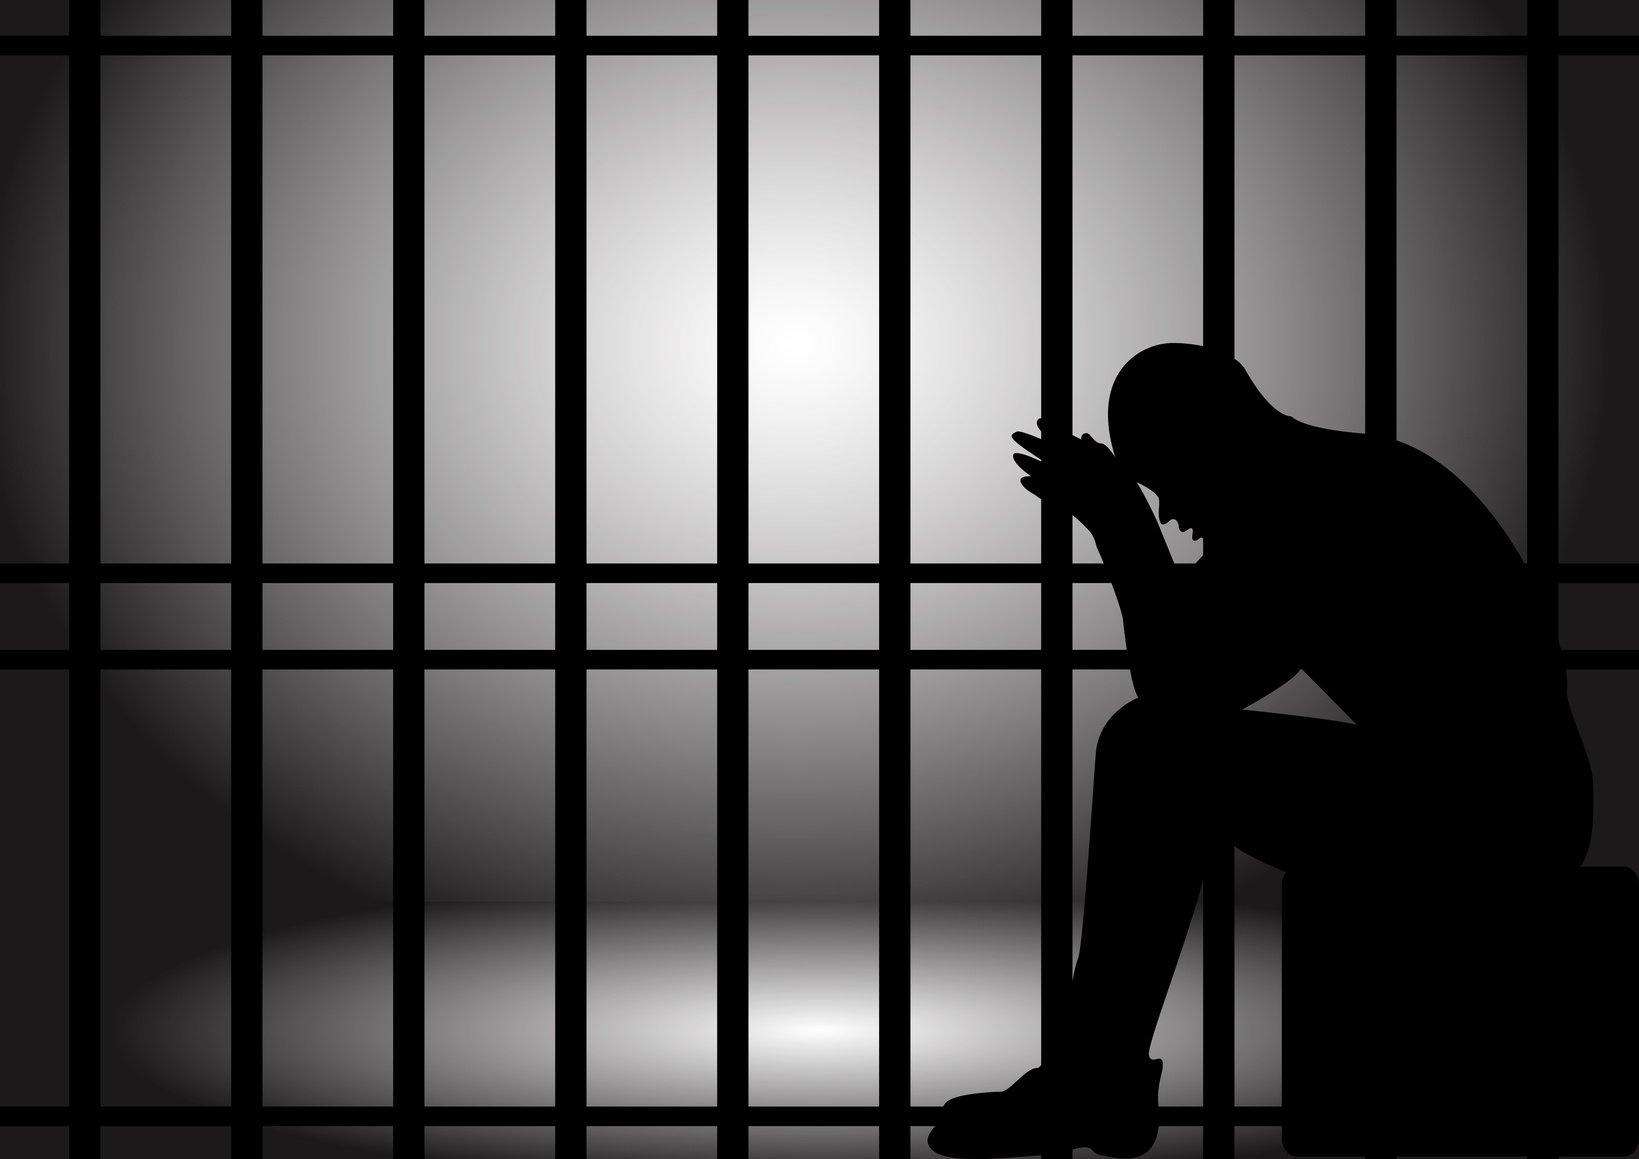 رئيس المجلس القضائي يوعز للقضاة بزيارة السجون بعطلة العيد